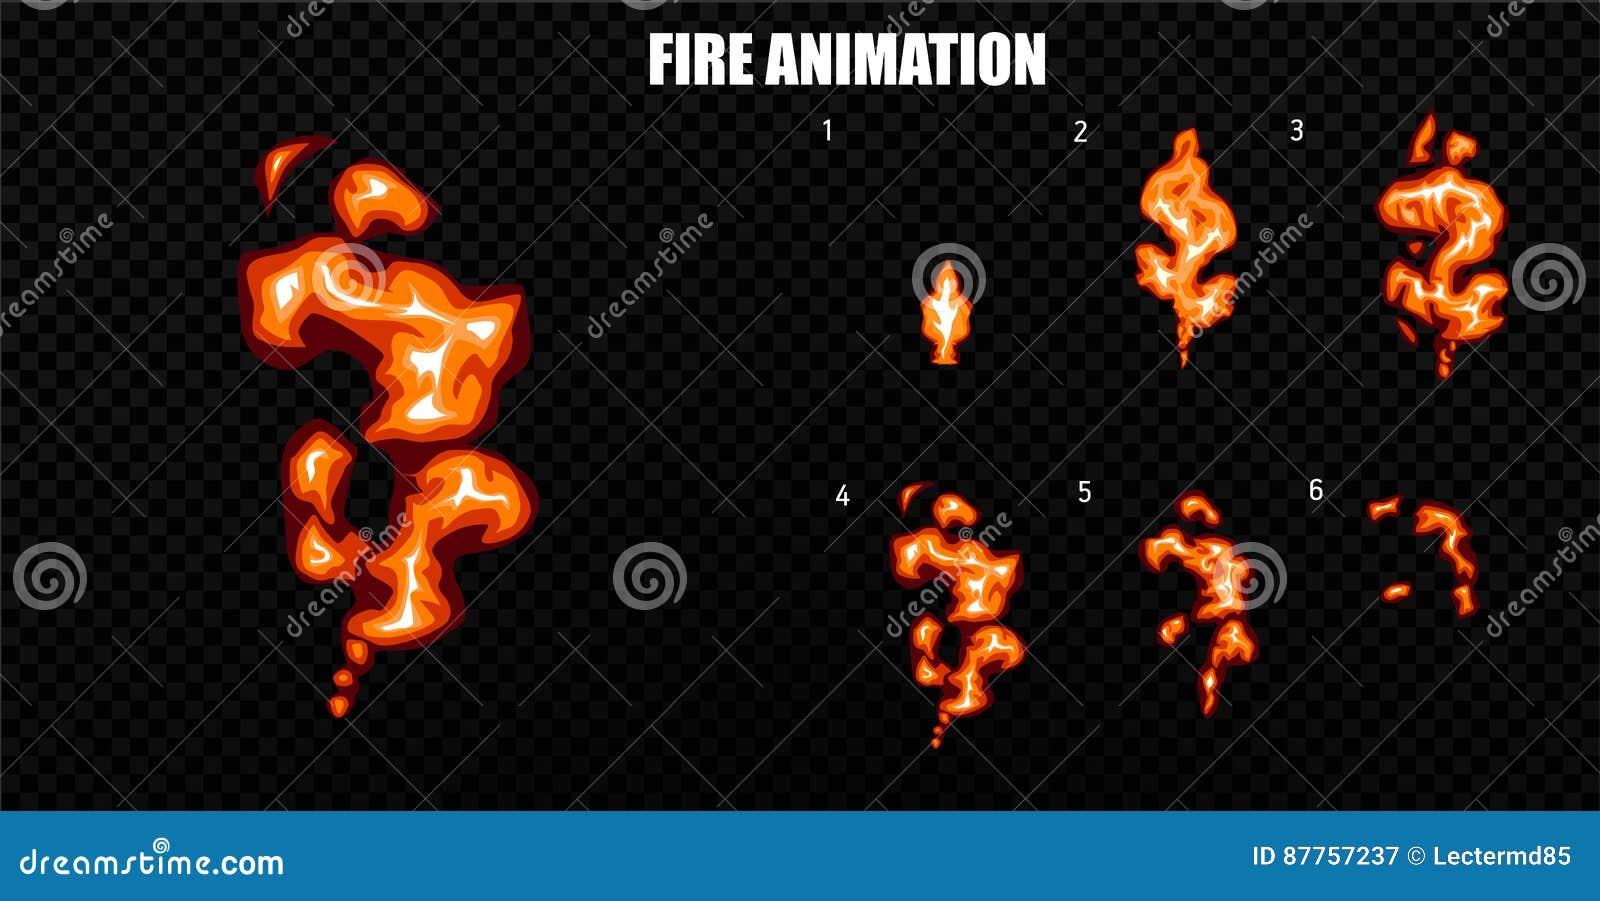 Wektor wybucha Wybucha skutek animację z dymem Kreskówka wybuchu ramy Sprite prześcieradło wybuch